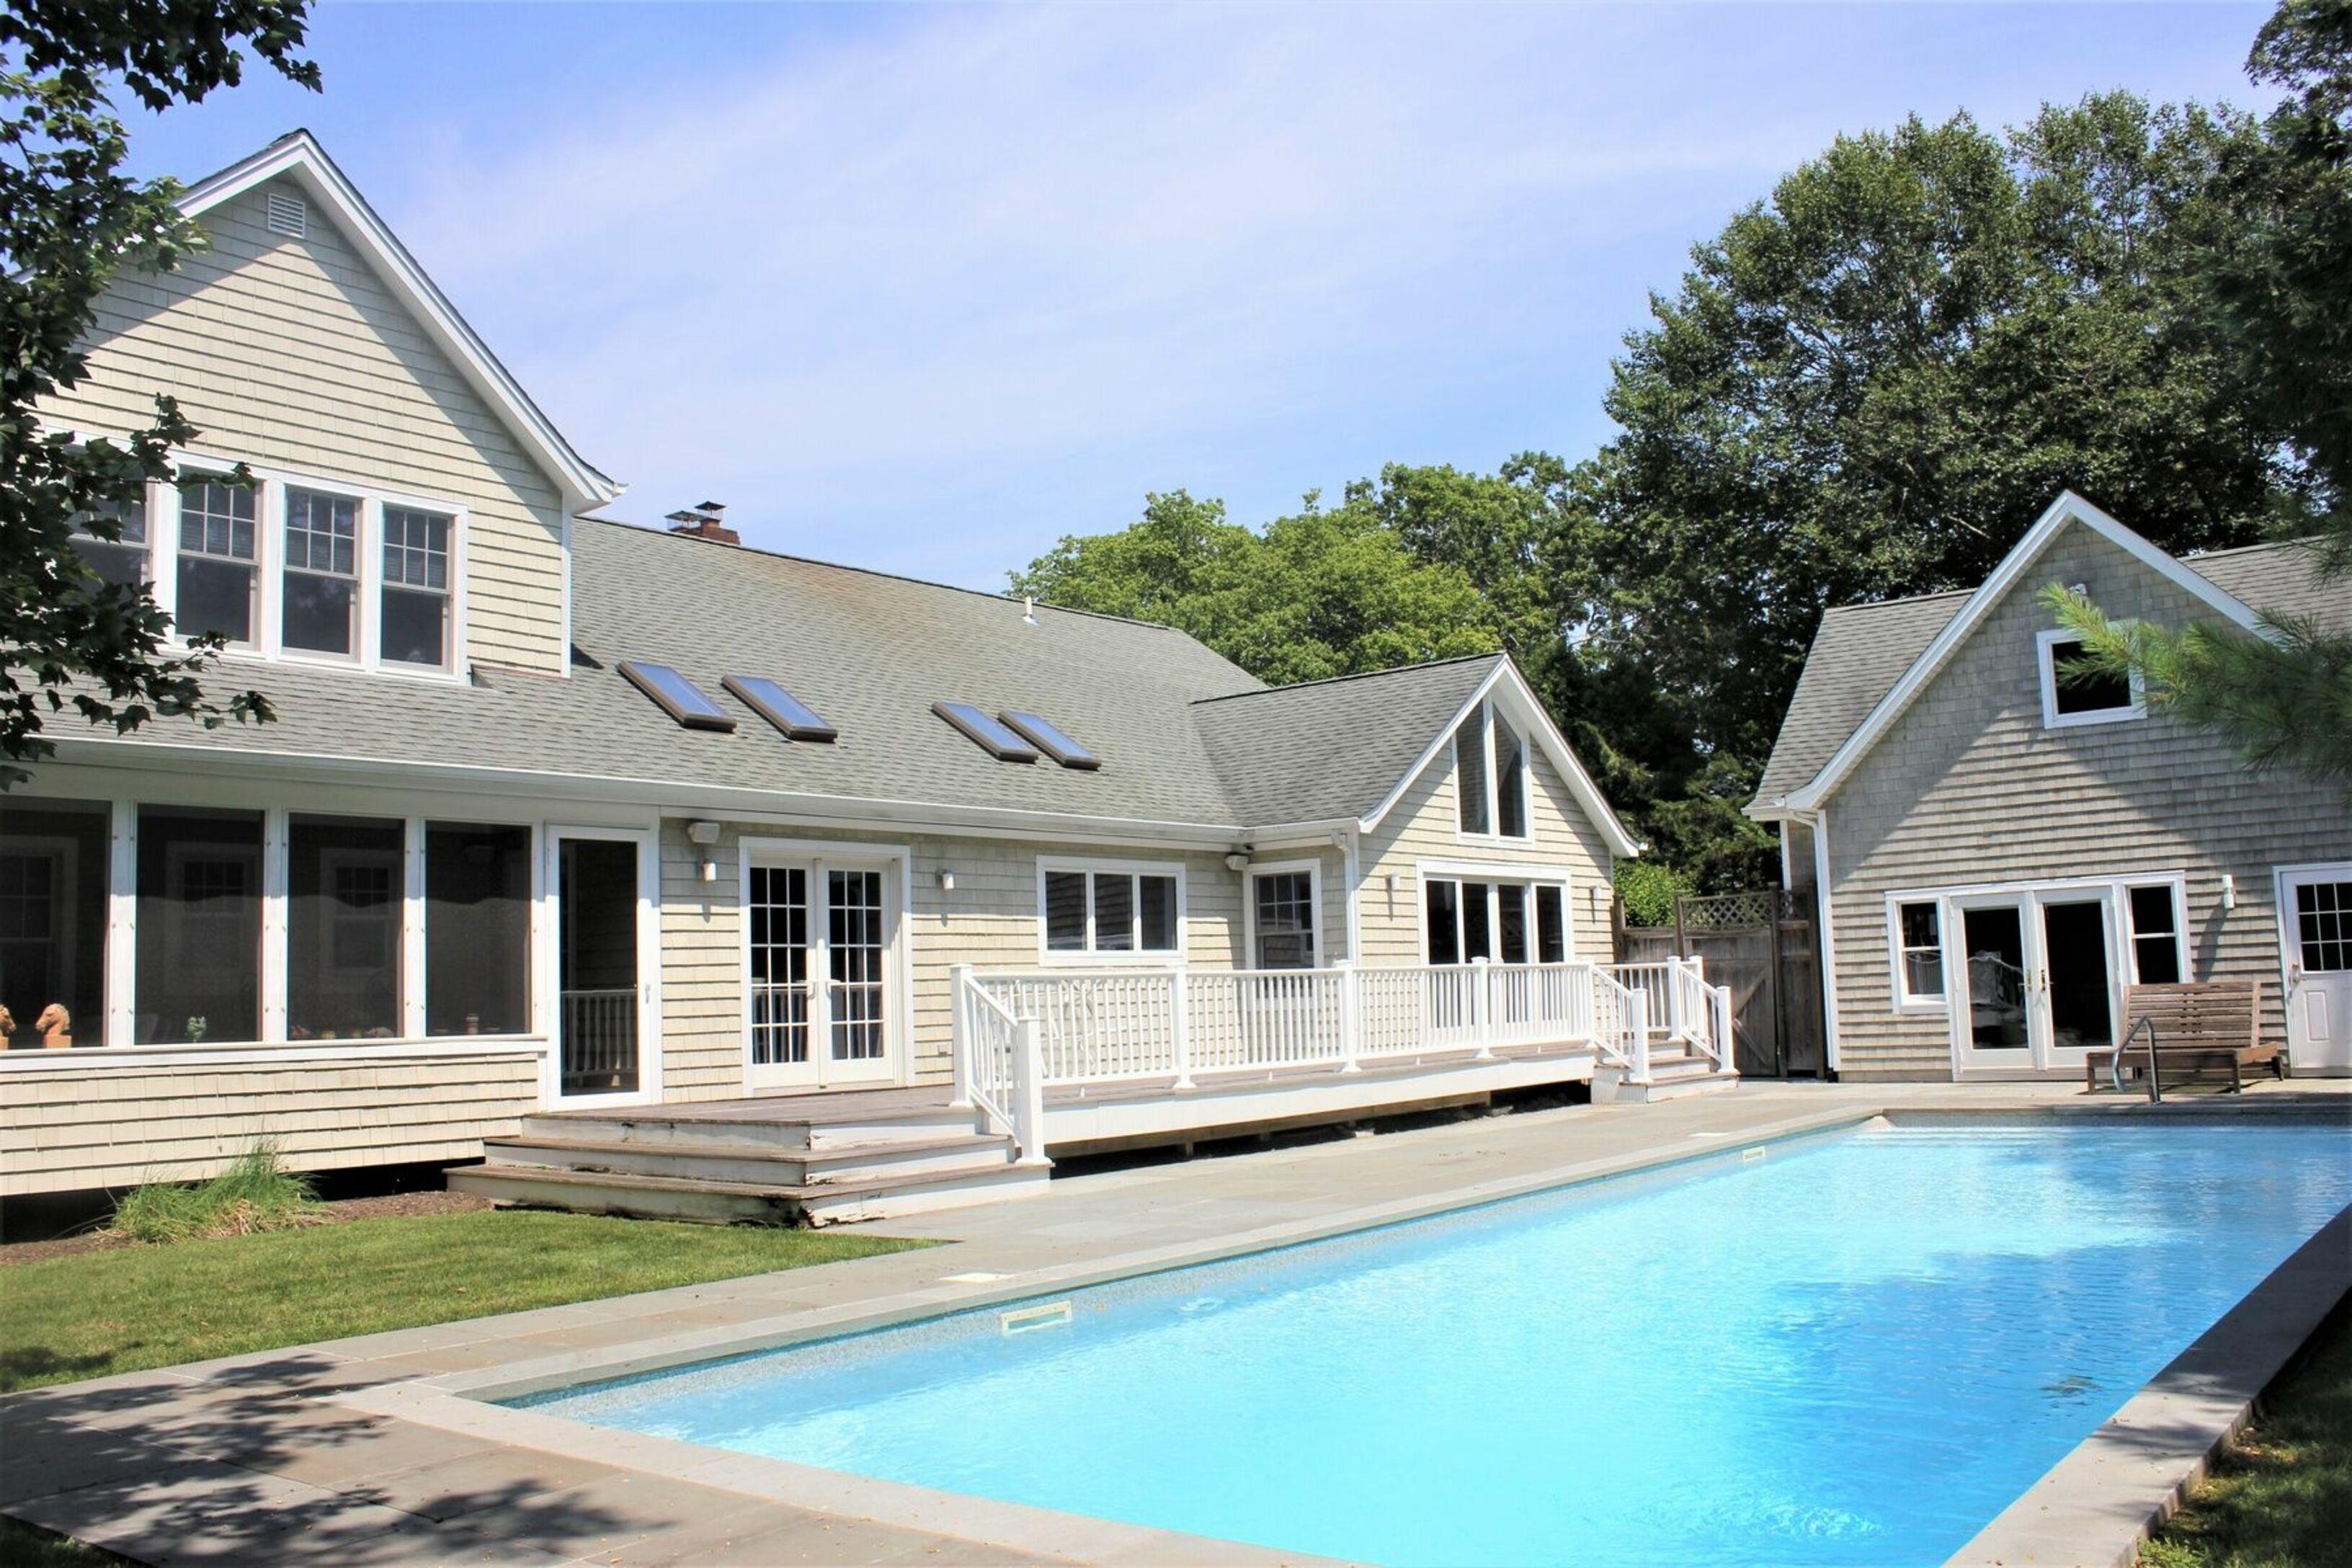 55 White Oak Ln - Westhampton Beach South, New York